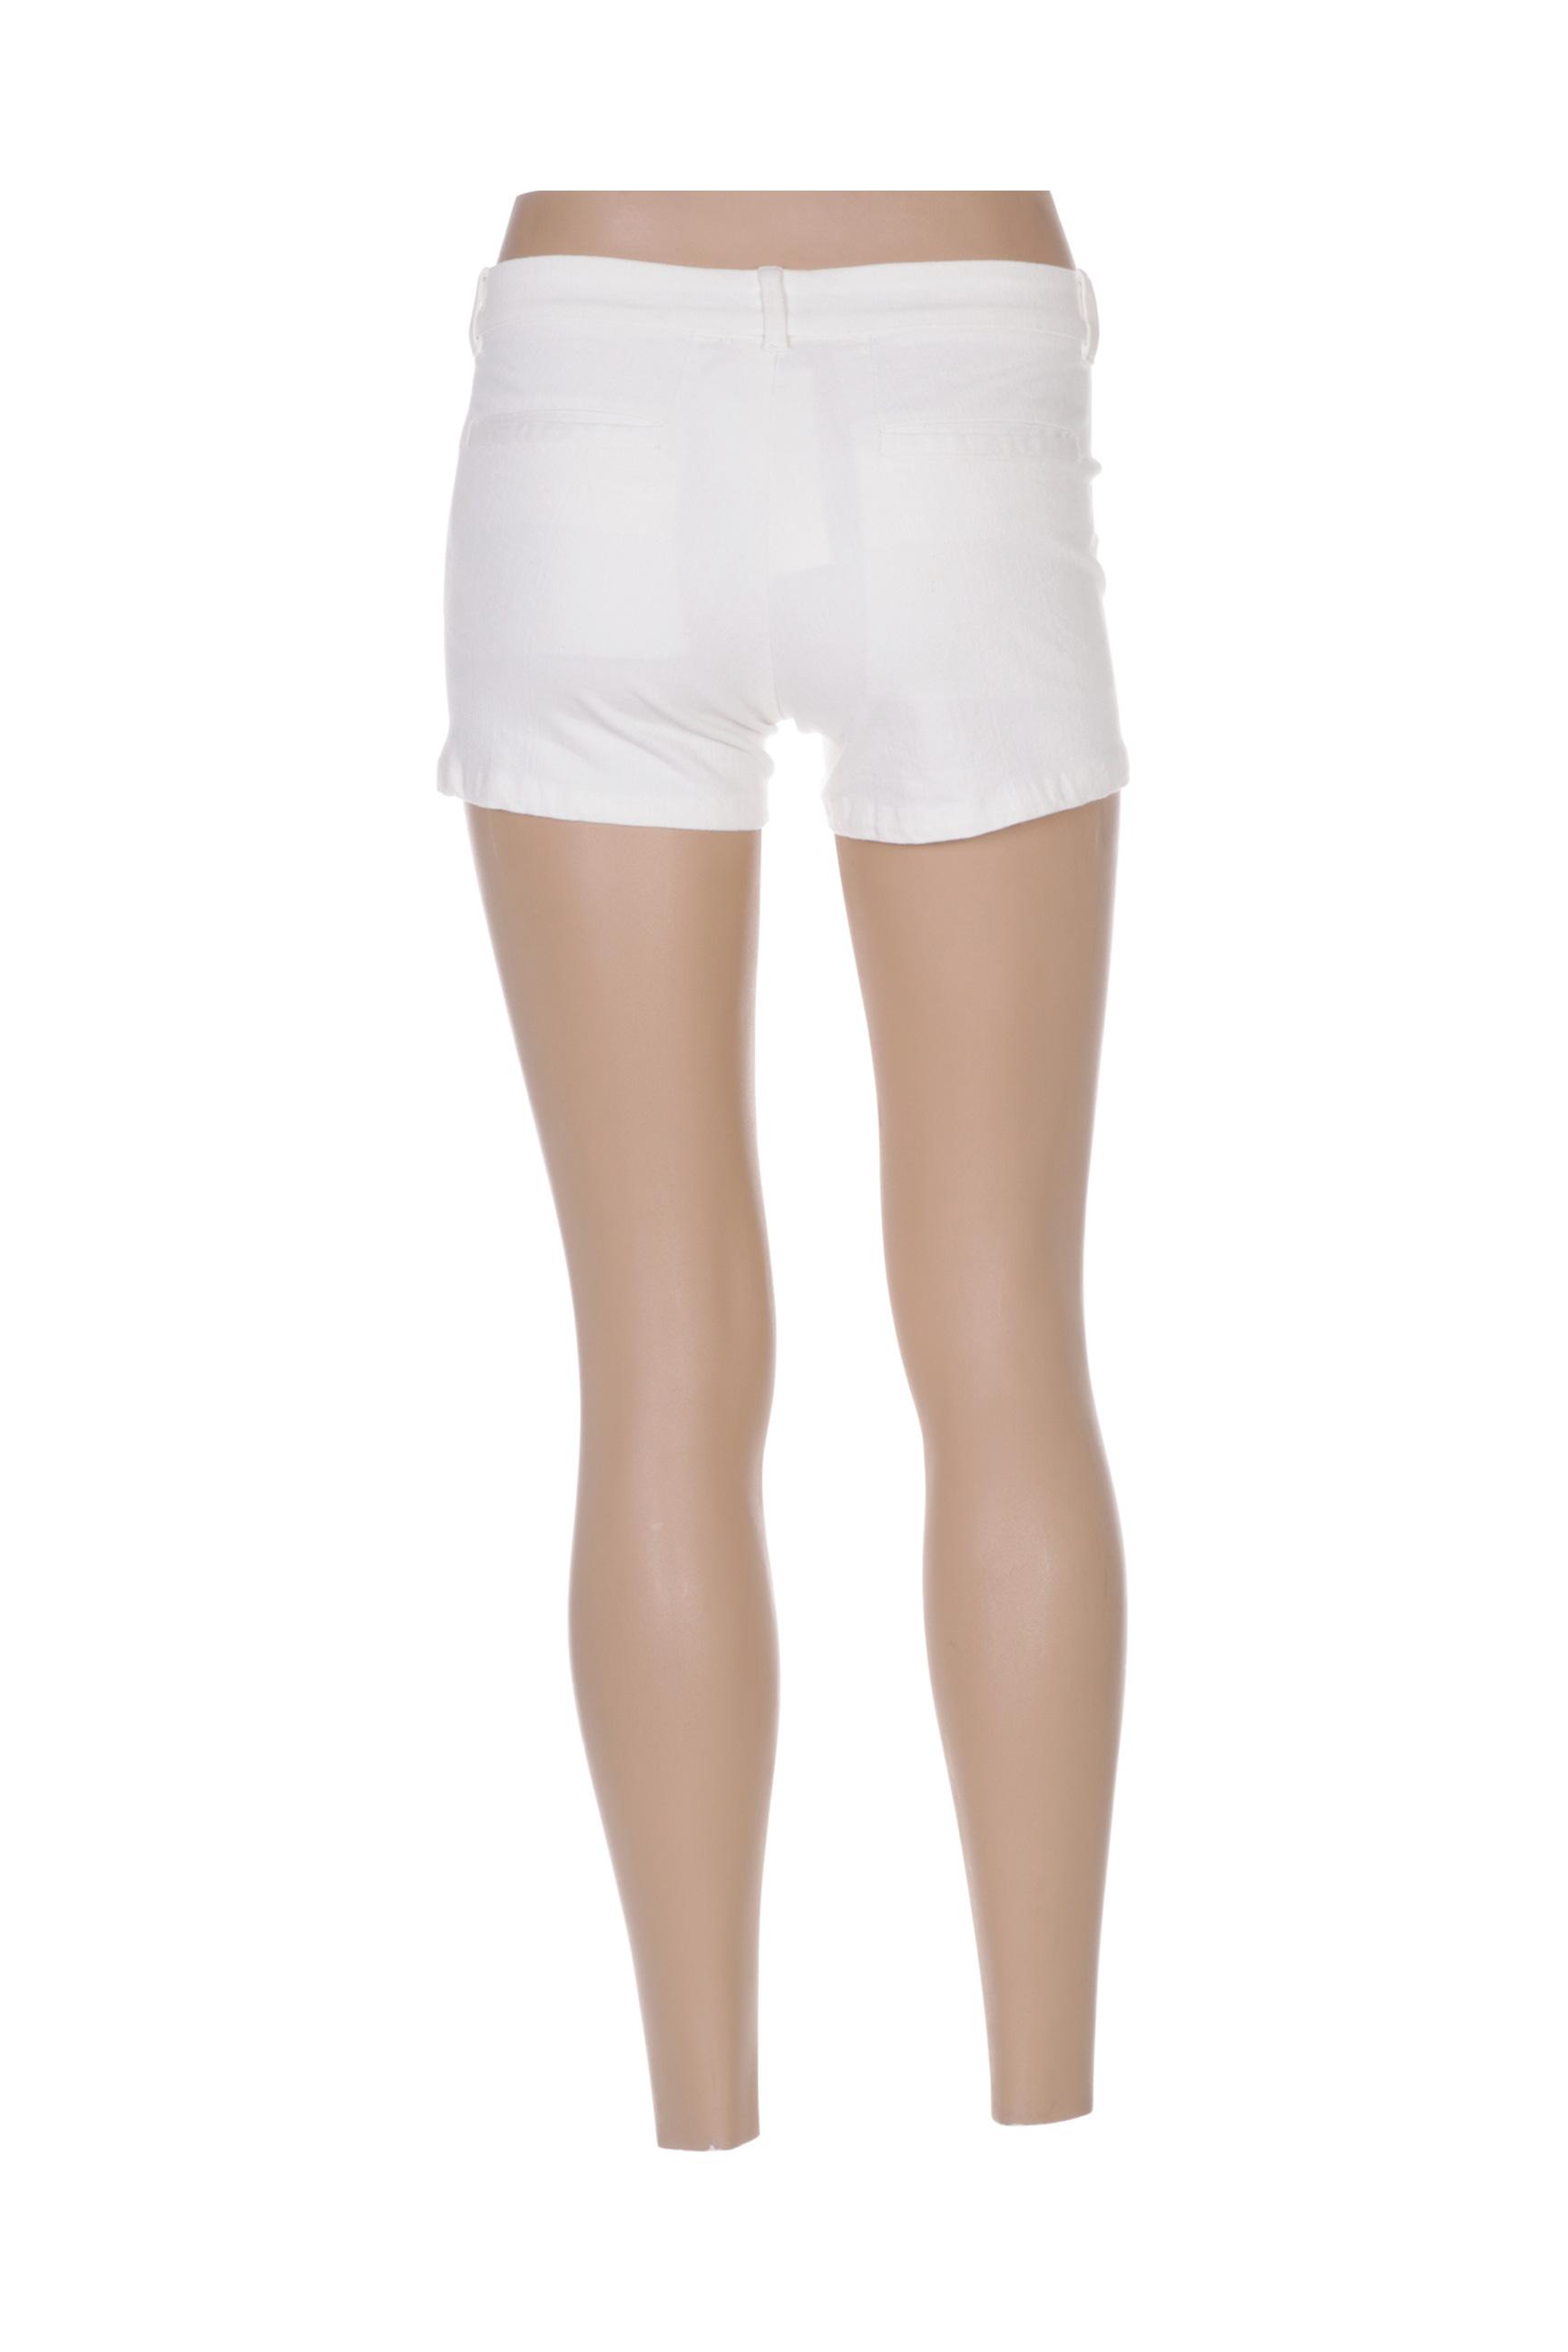 Intropia Shorts 1 Femme De Couleur Blanc En Soldes Pas Cher 1428305-blanc0